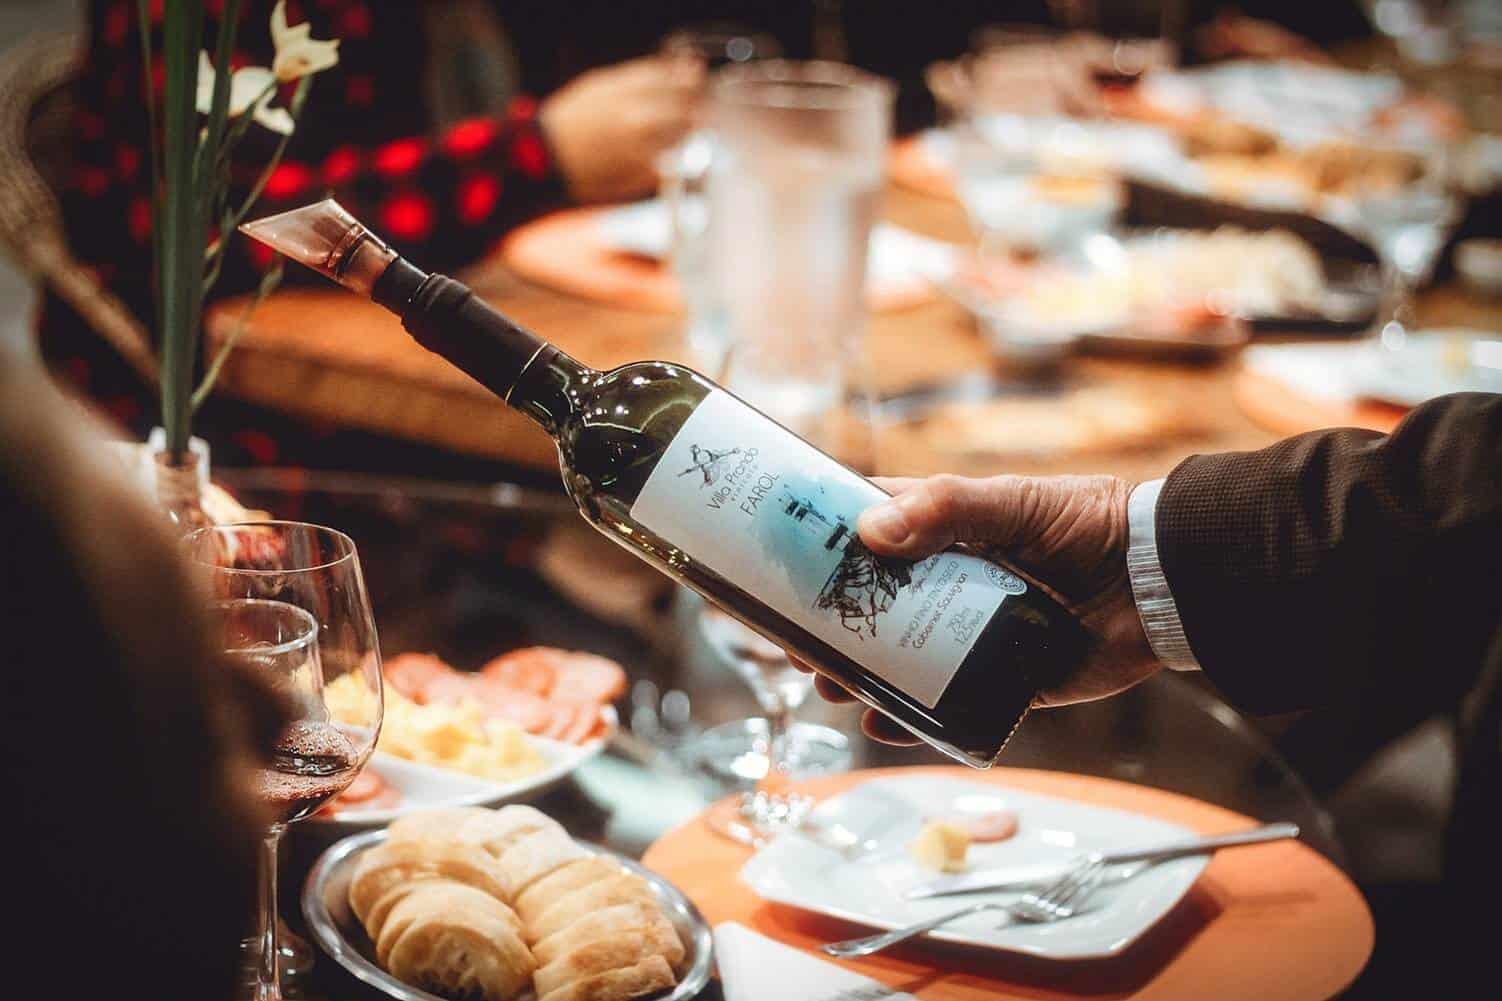 Ristoranti: la comunicazione condotta in modo professionale cambia il modo di relazionarsi al cliente - verona wine love